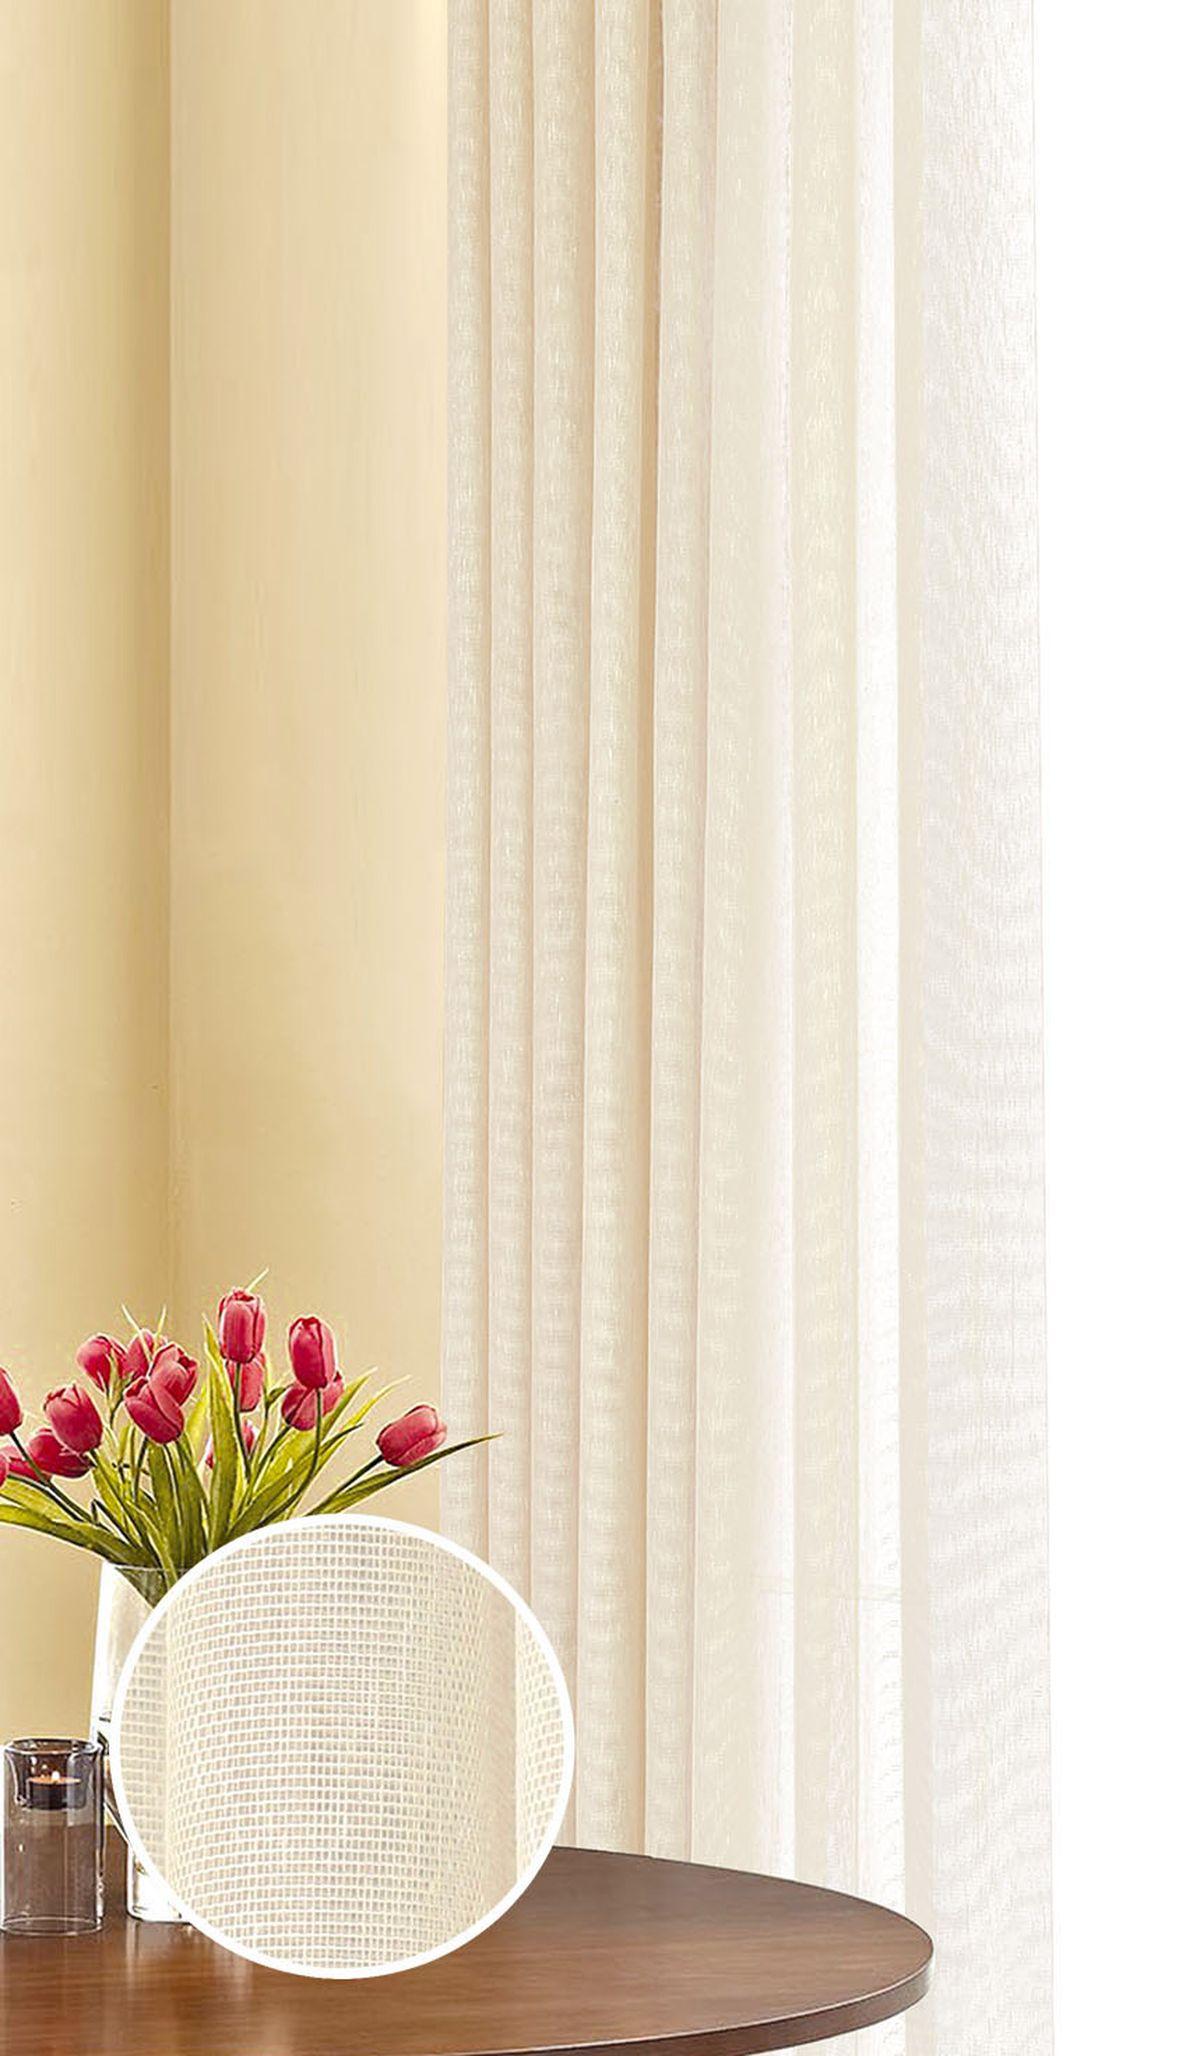 Штора готовая Garden, на ленте, цвет: бежевый, 290х180 см. С 537063 290х180 V7С 537063 290х180 V7Изящная штора Garden выполнена из ткани с оригинальной структурой. Приятная текстура и цвет штор привлекут к себе внимание и органично впишутся в интерьер помещения. Штора крепится на карниз при помощи ленты, которая поможет красиво и равномерно задрапировать верх.